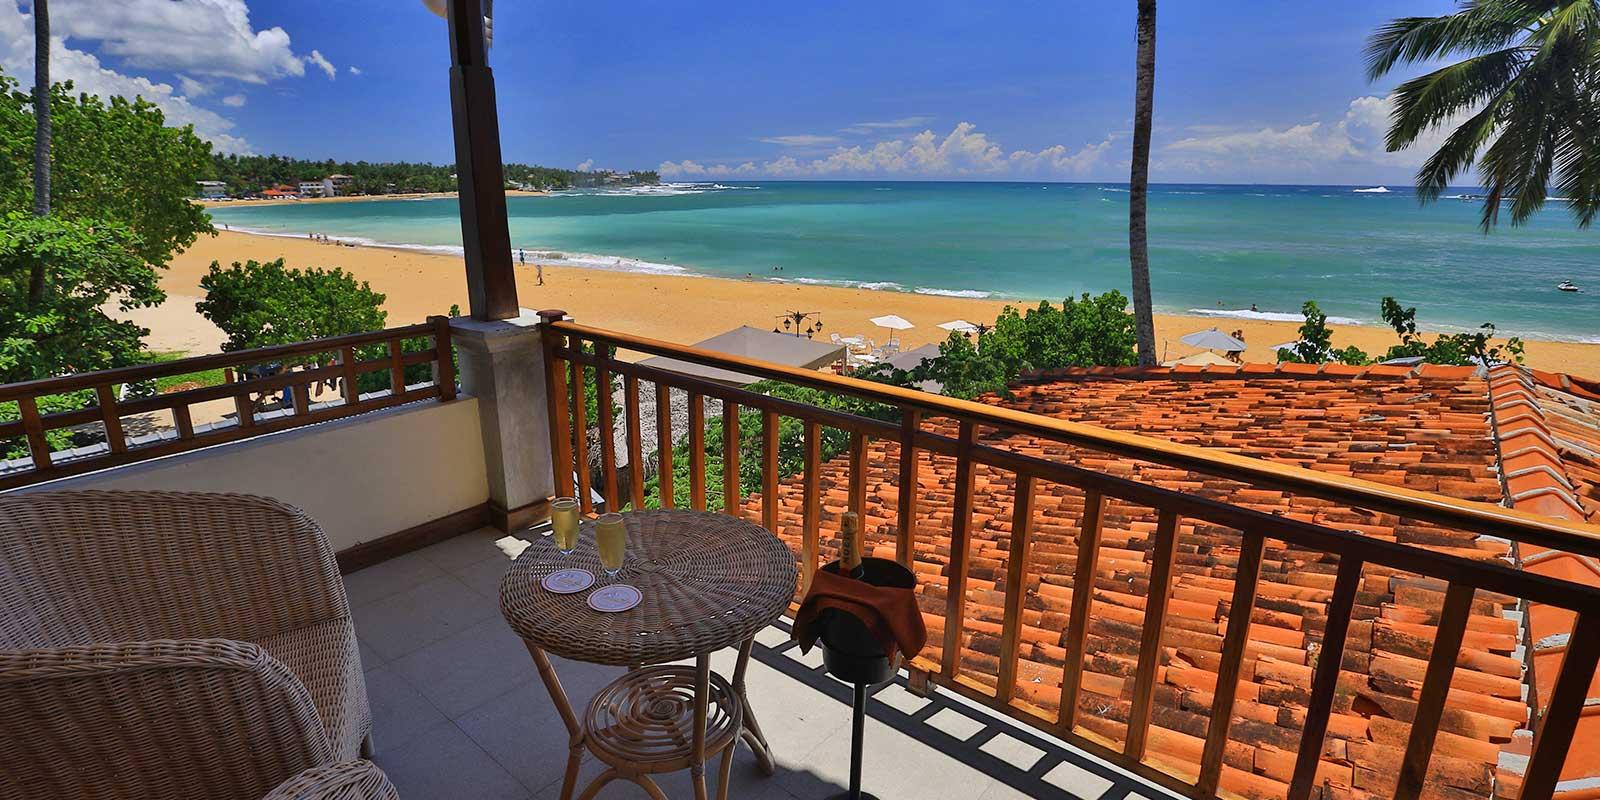 Hotels in Unawatuna | Unawatuna Thaproban Beach House | Unawatuna Thaproban Beach House Hotel